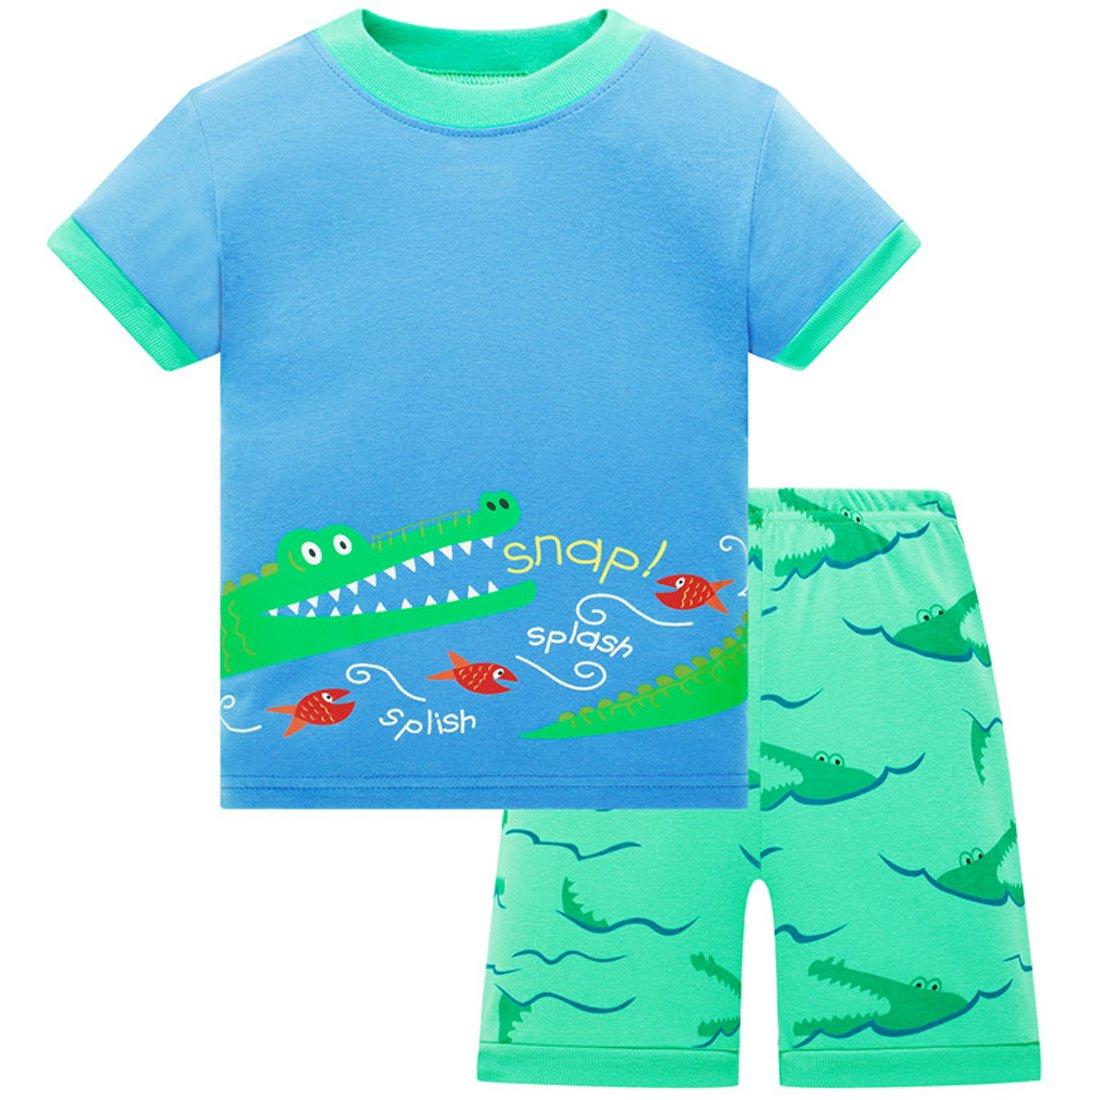 Toddler Boy Pajamas Children Shorts Set Summer Cotton Sleepwear Clothes Size 6